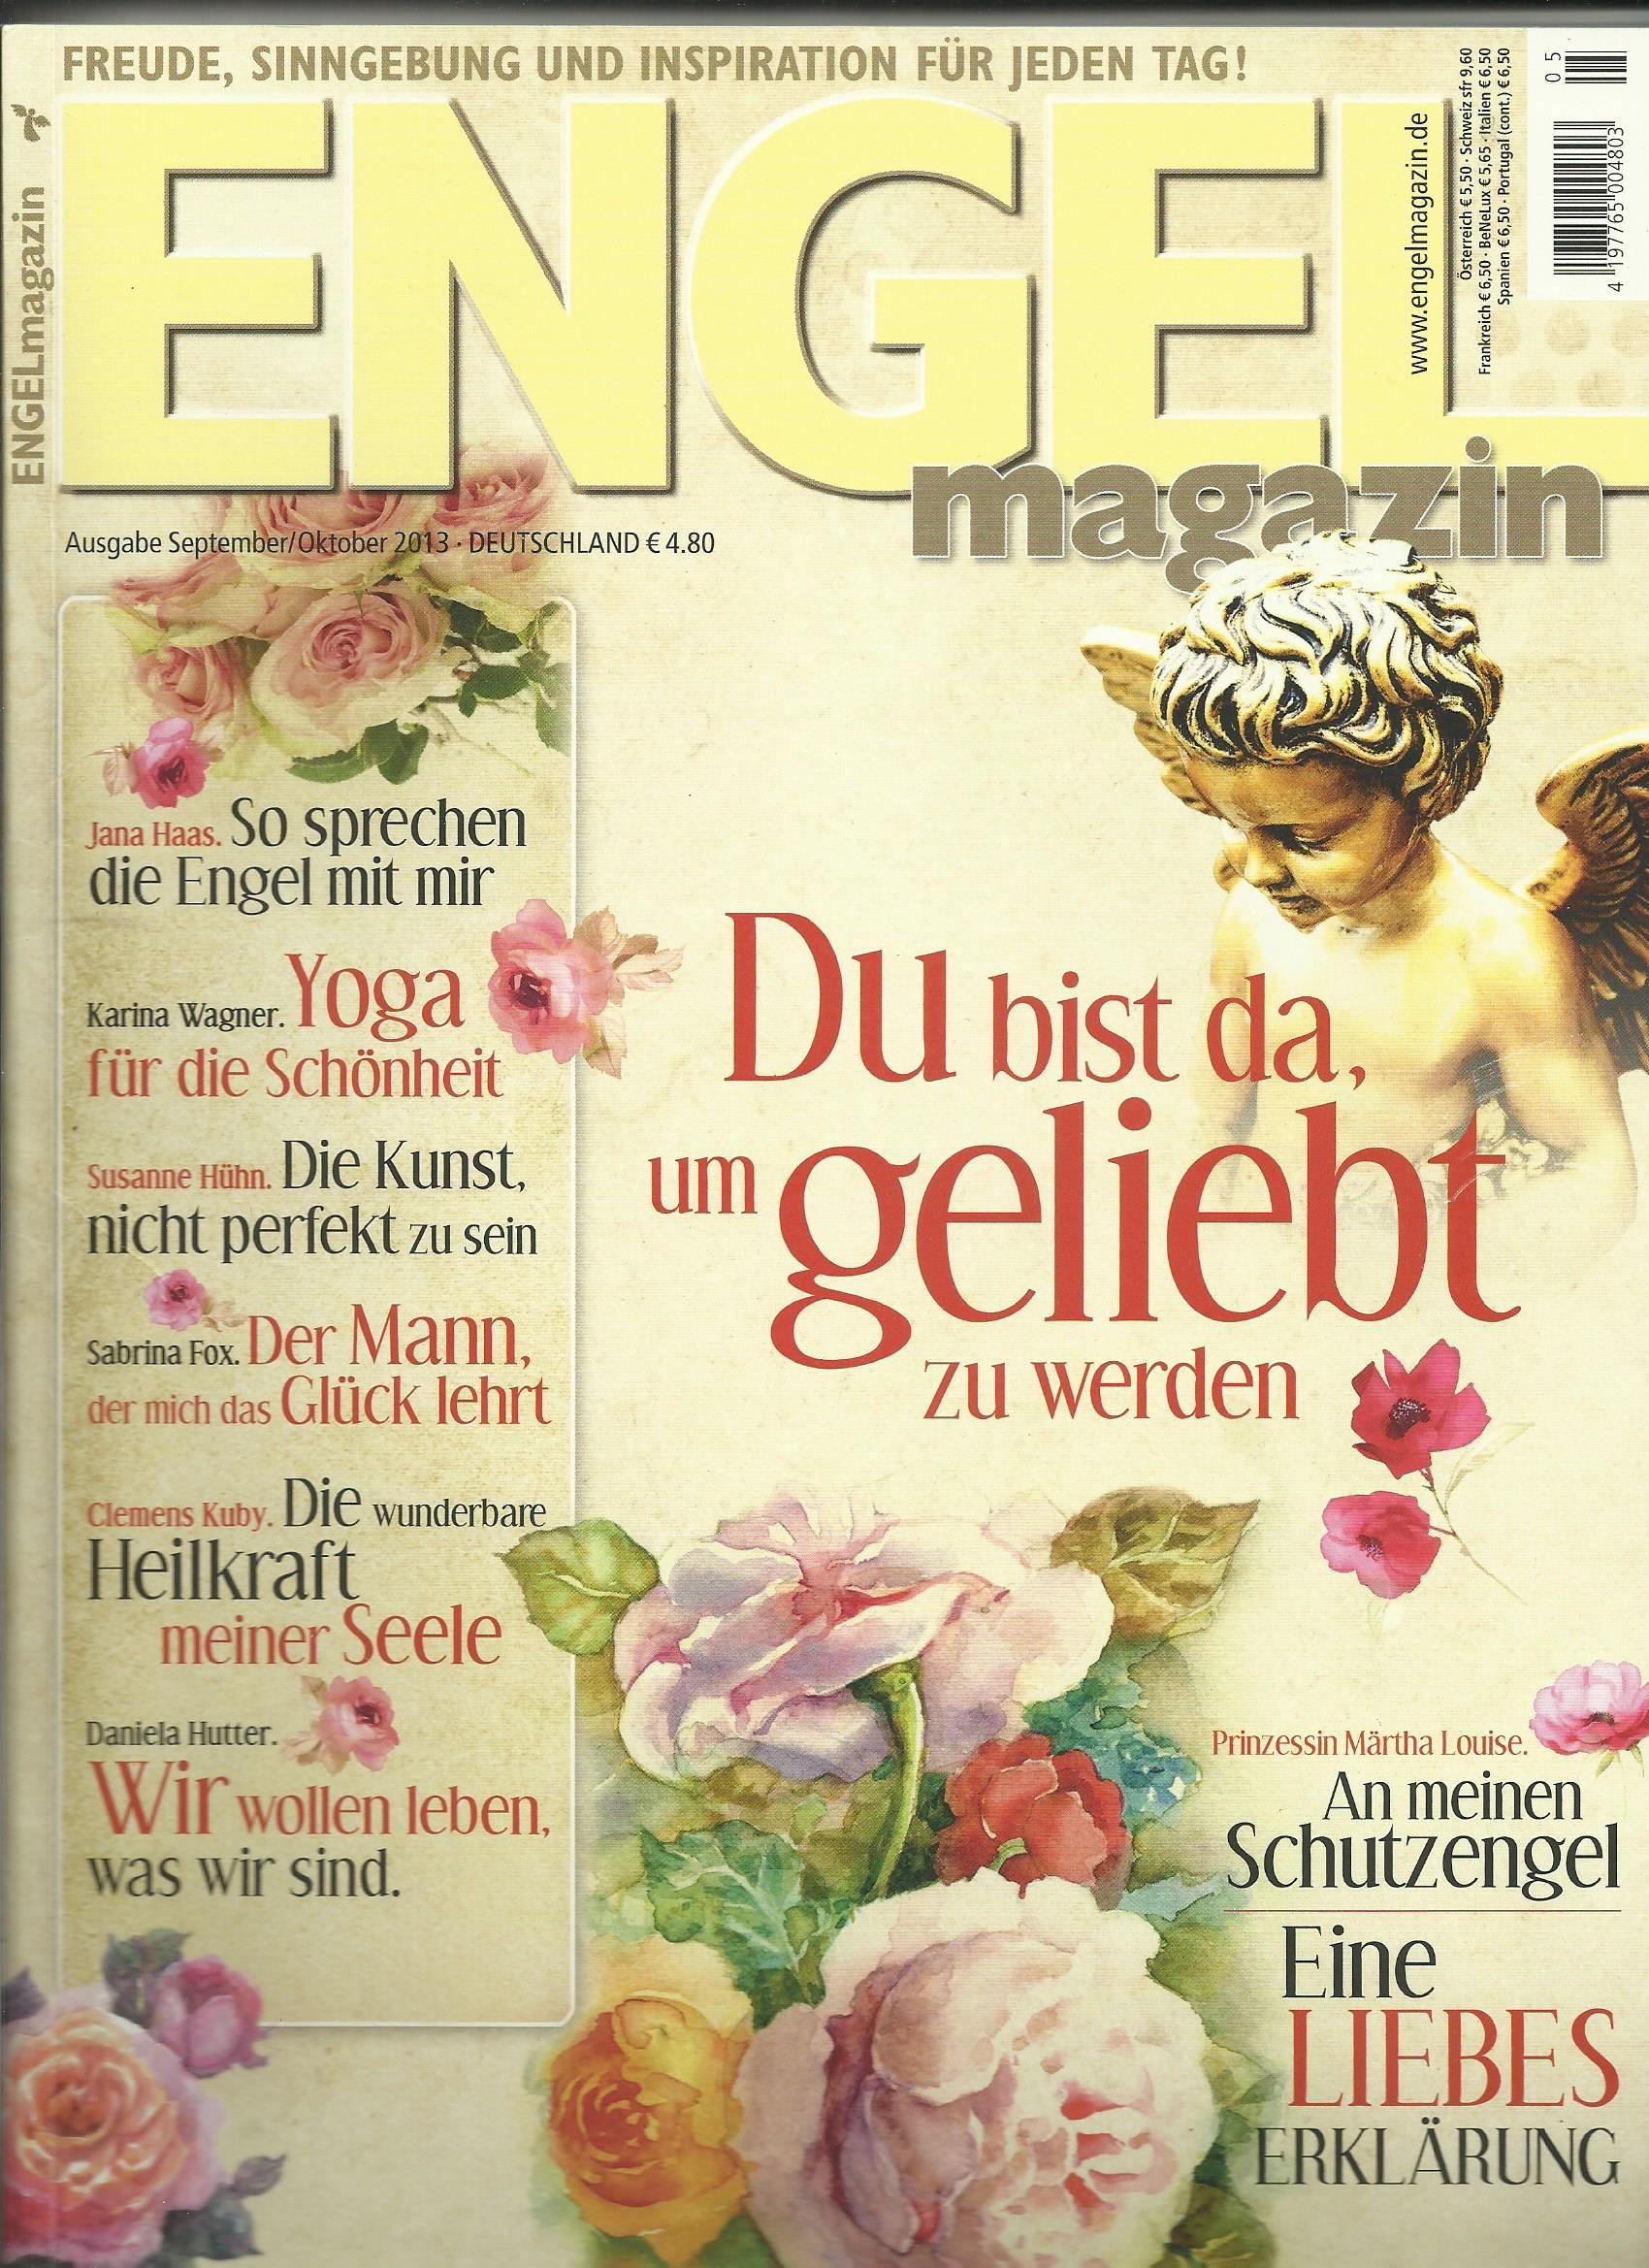 Weiter geht es mit der engelhaften Reihe des Engel Magazins  #Engel #Magazin #Zeitschrift